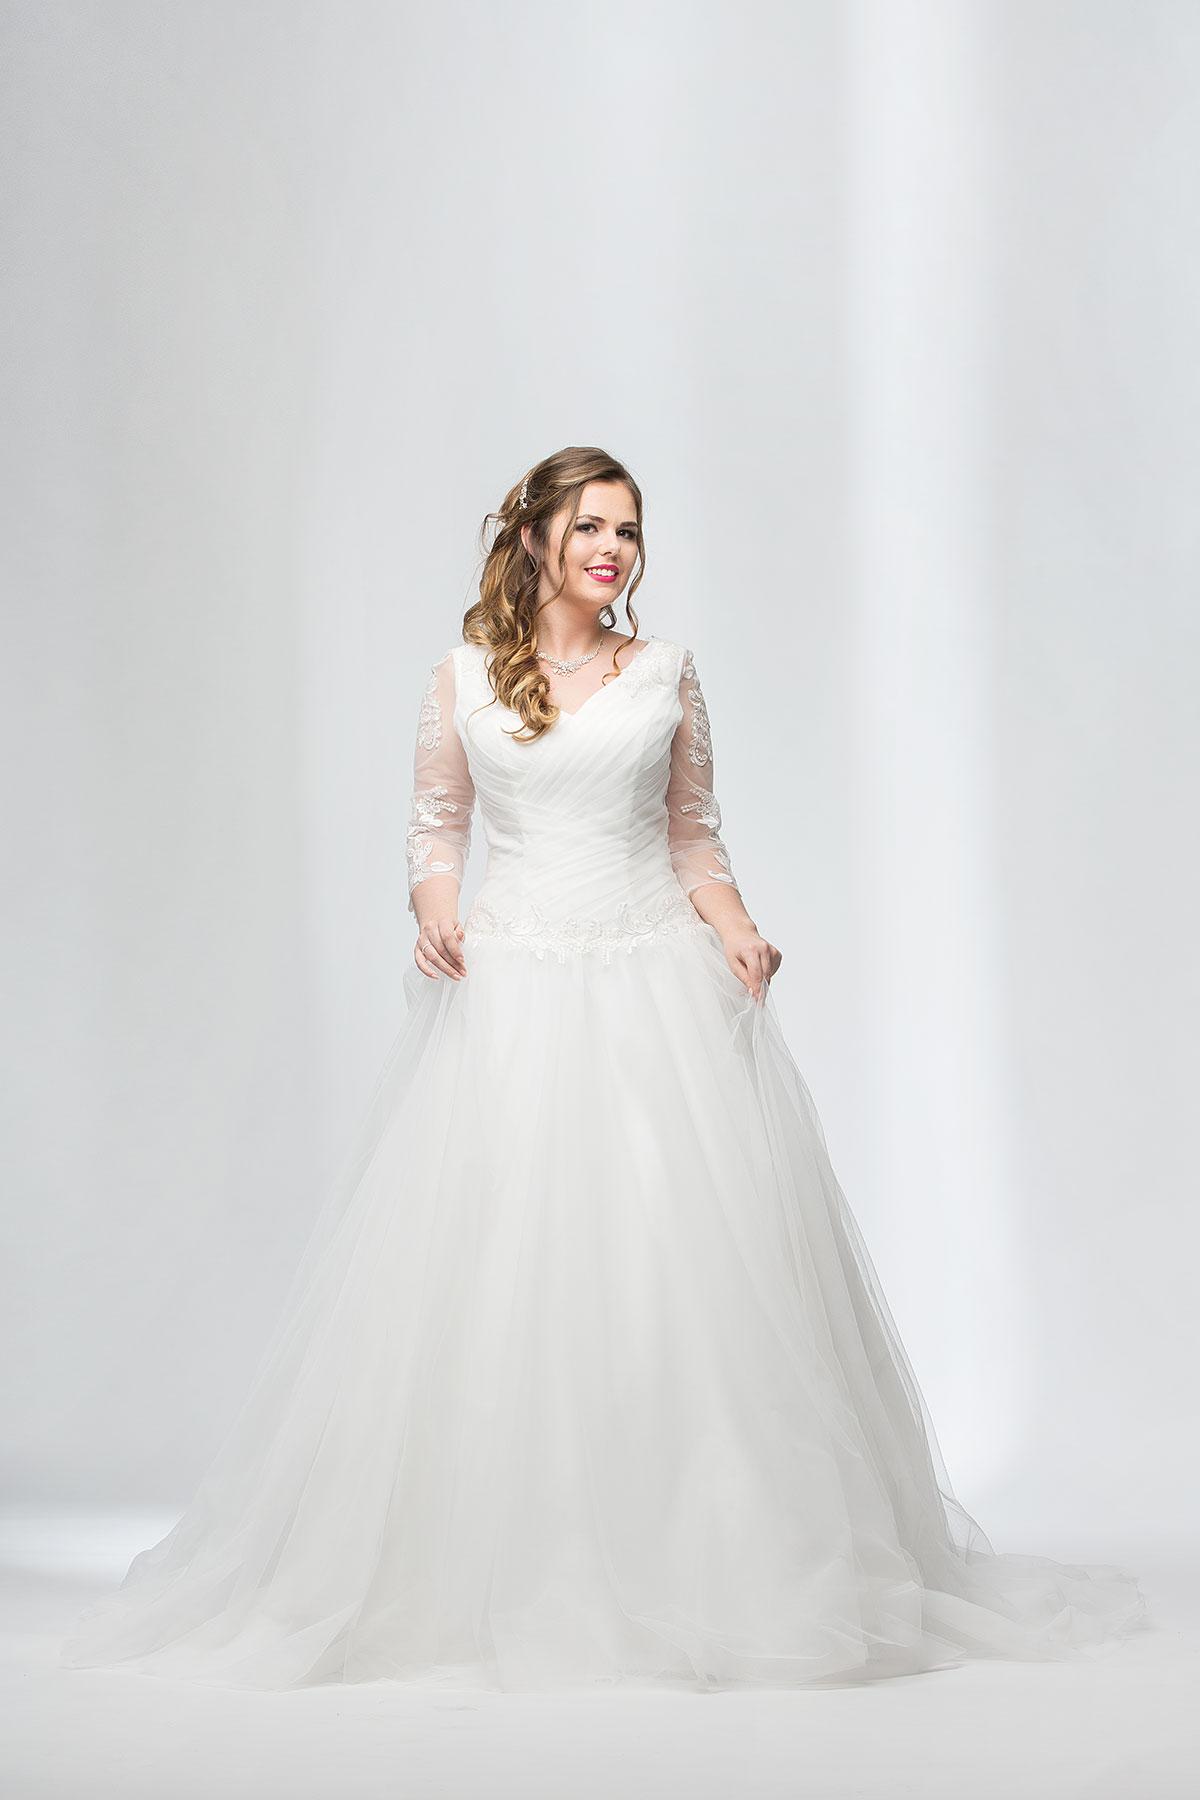 Ungewöhnlich Erdem Brautkleid Zeitgenössisch - Brautkleider Ideen ...